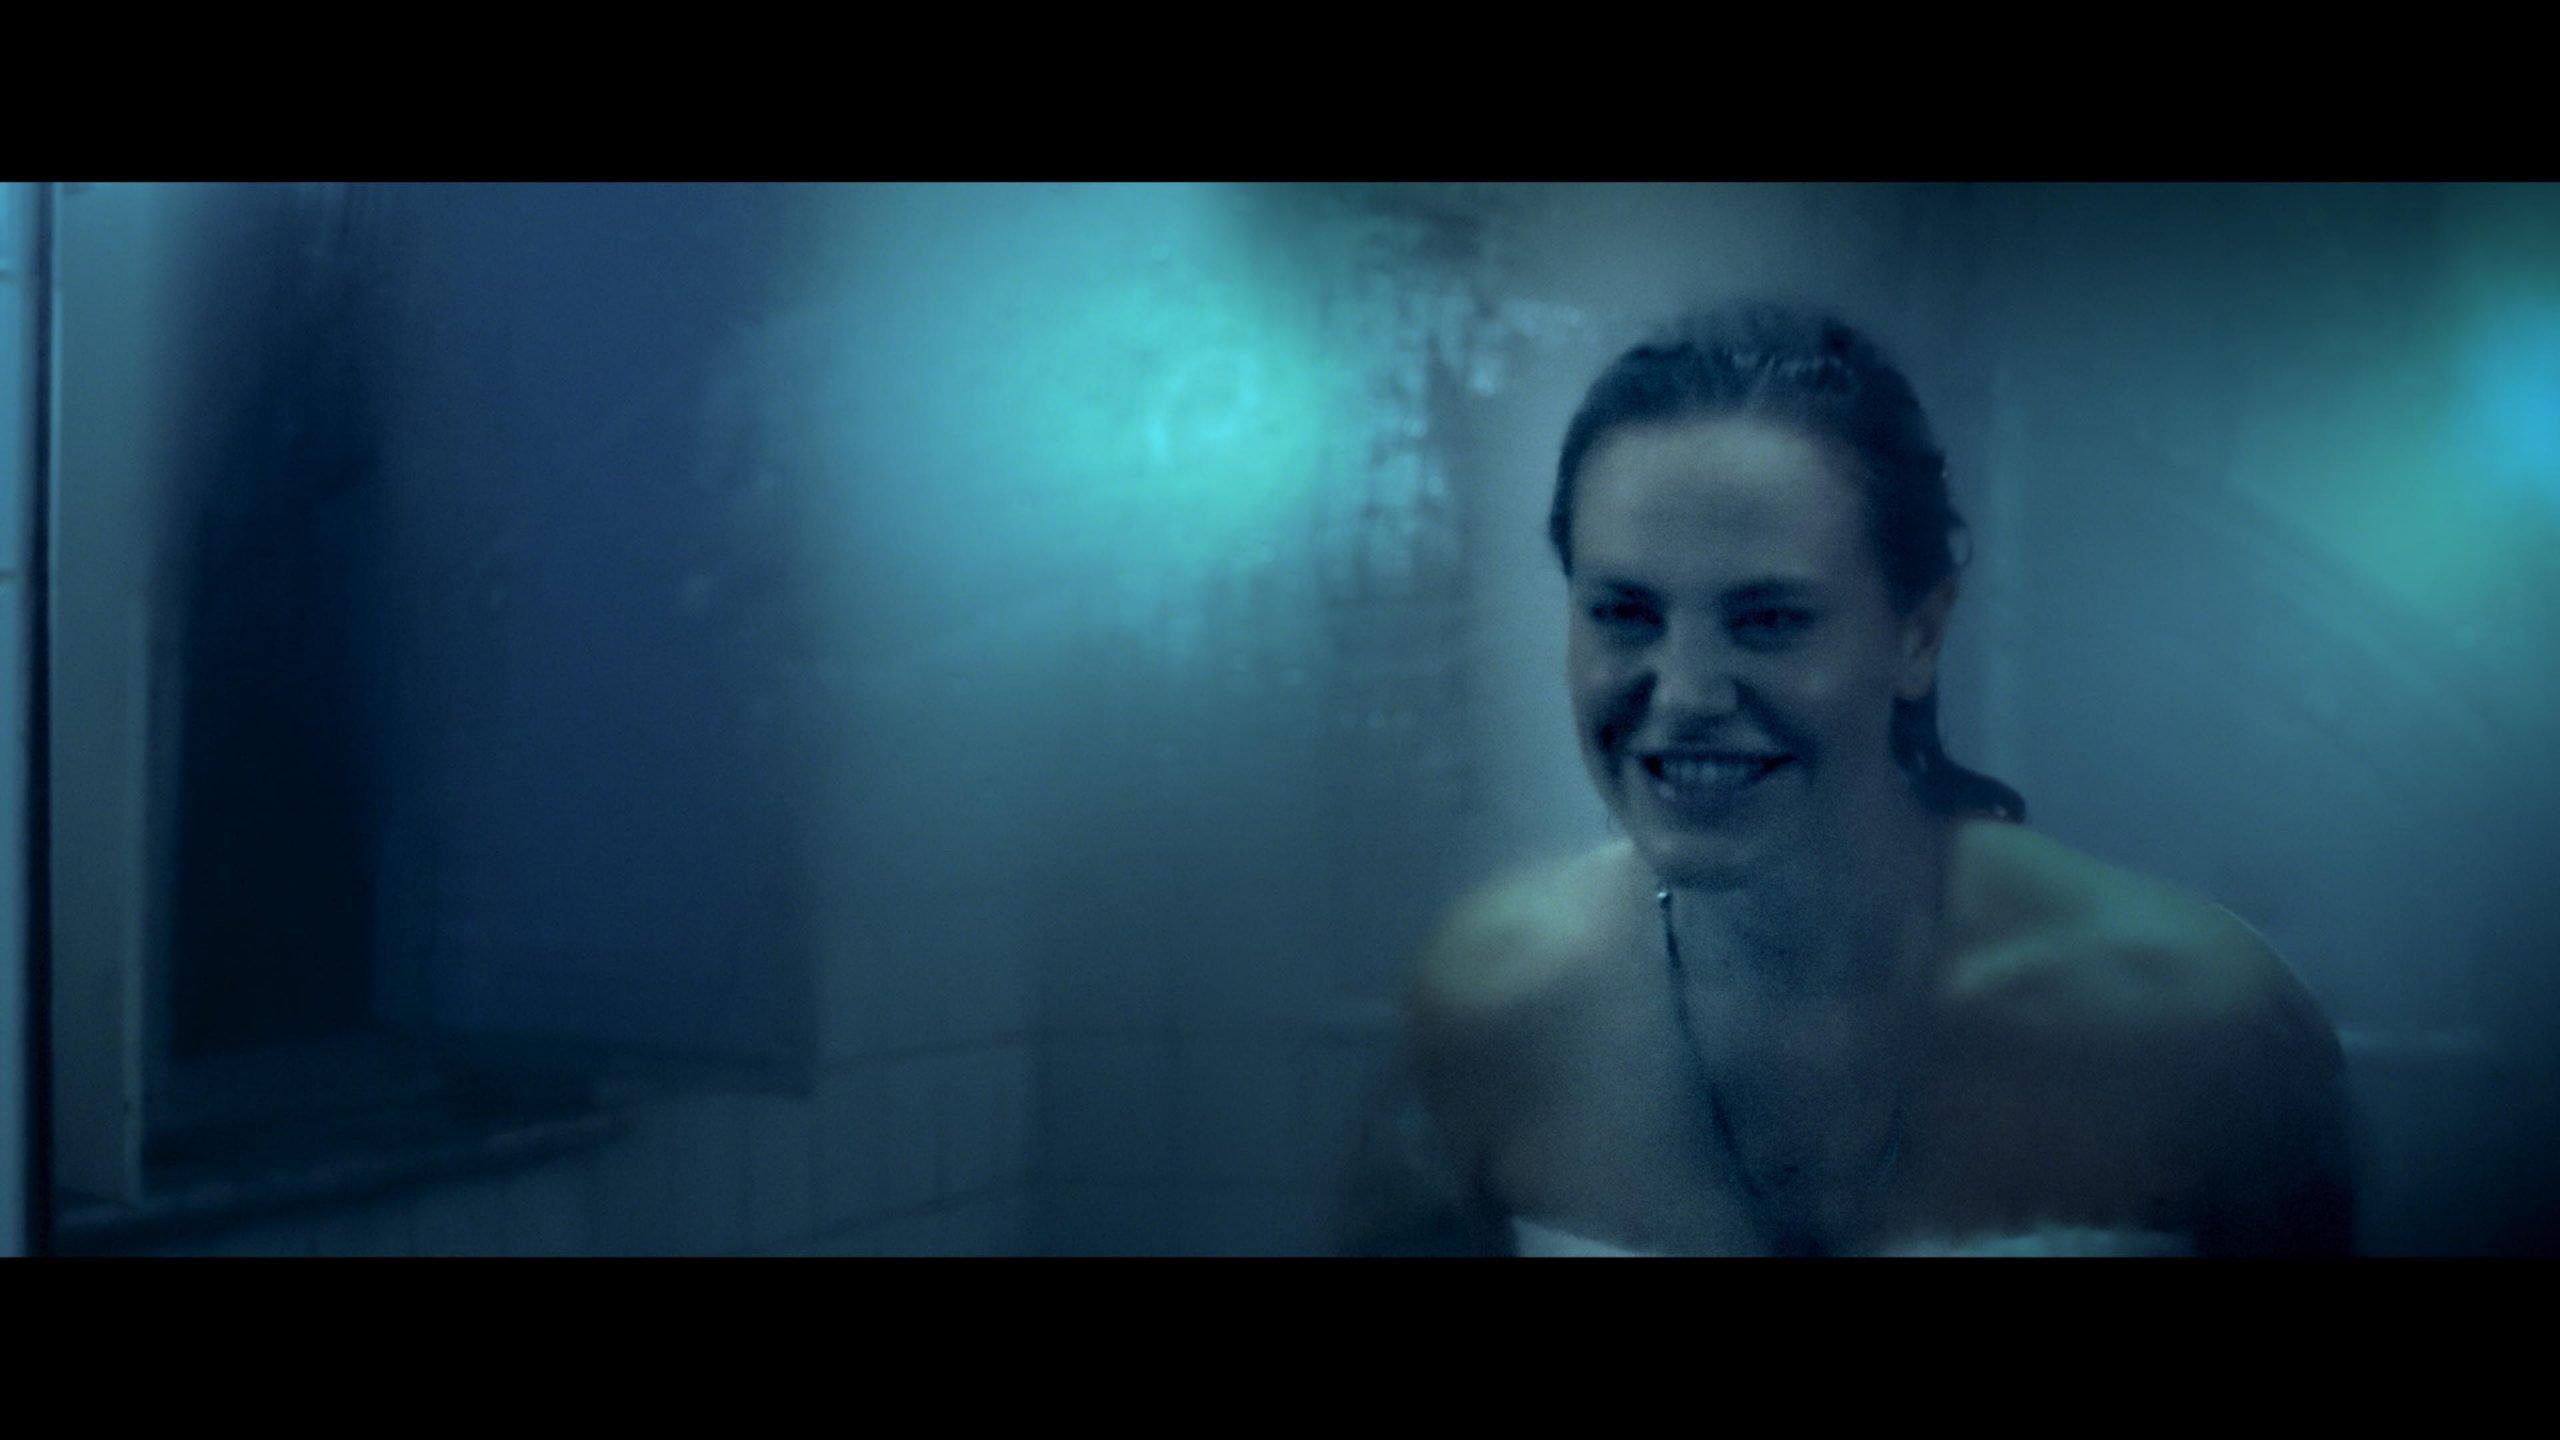 three-cortometraggio-melania-dalla-costa